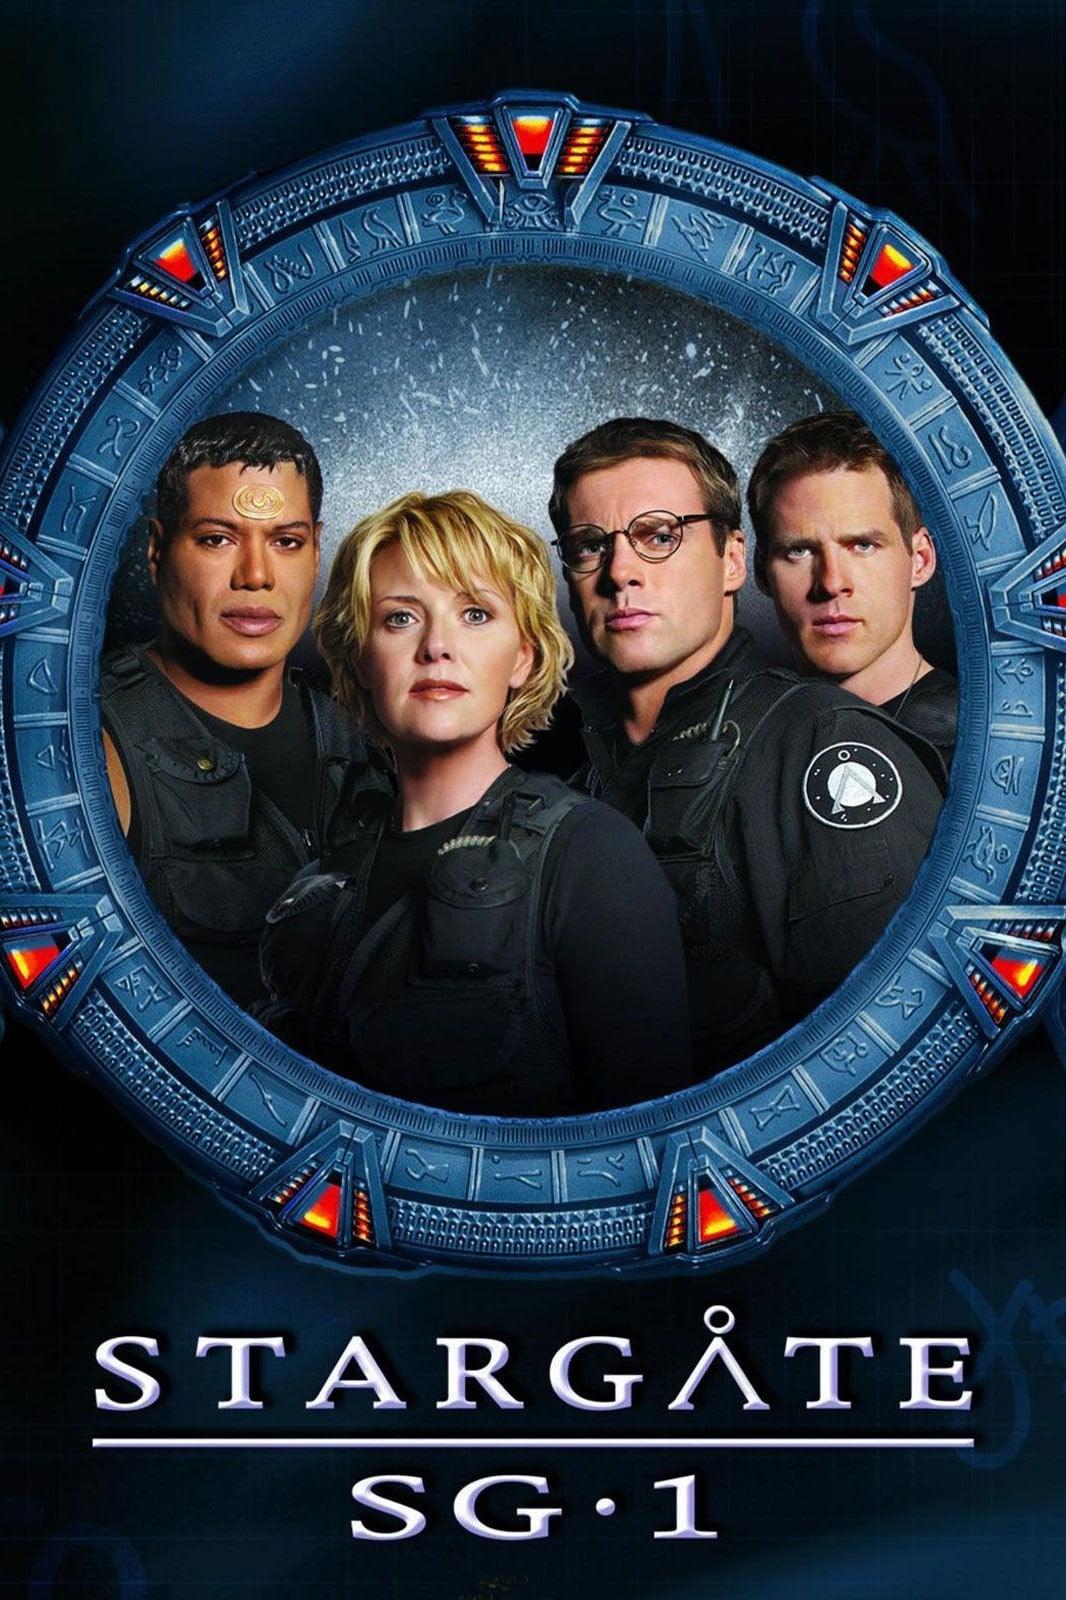 image for Stargate SG-1